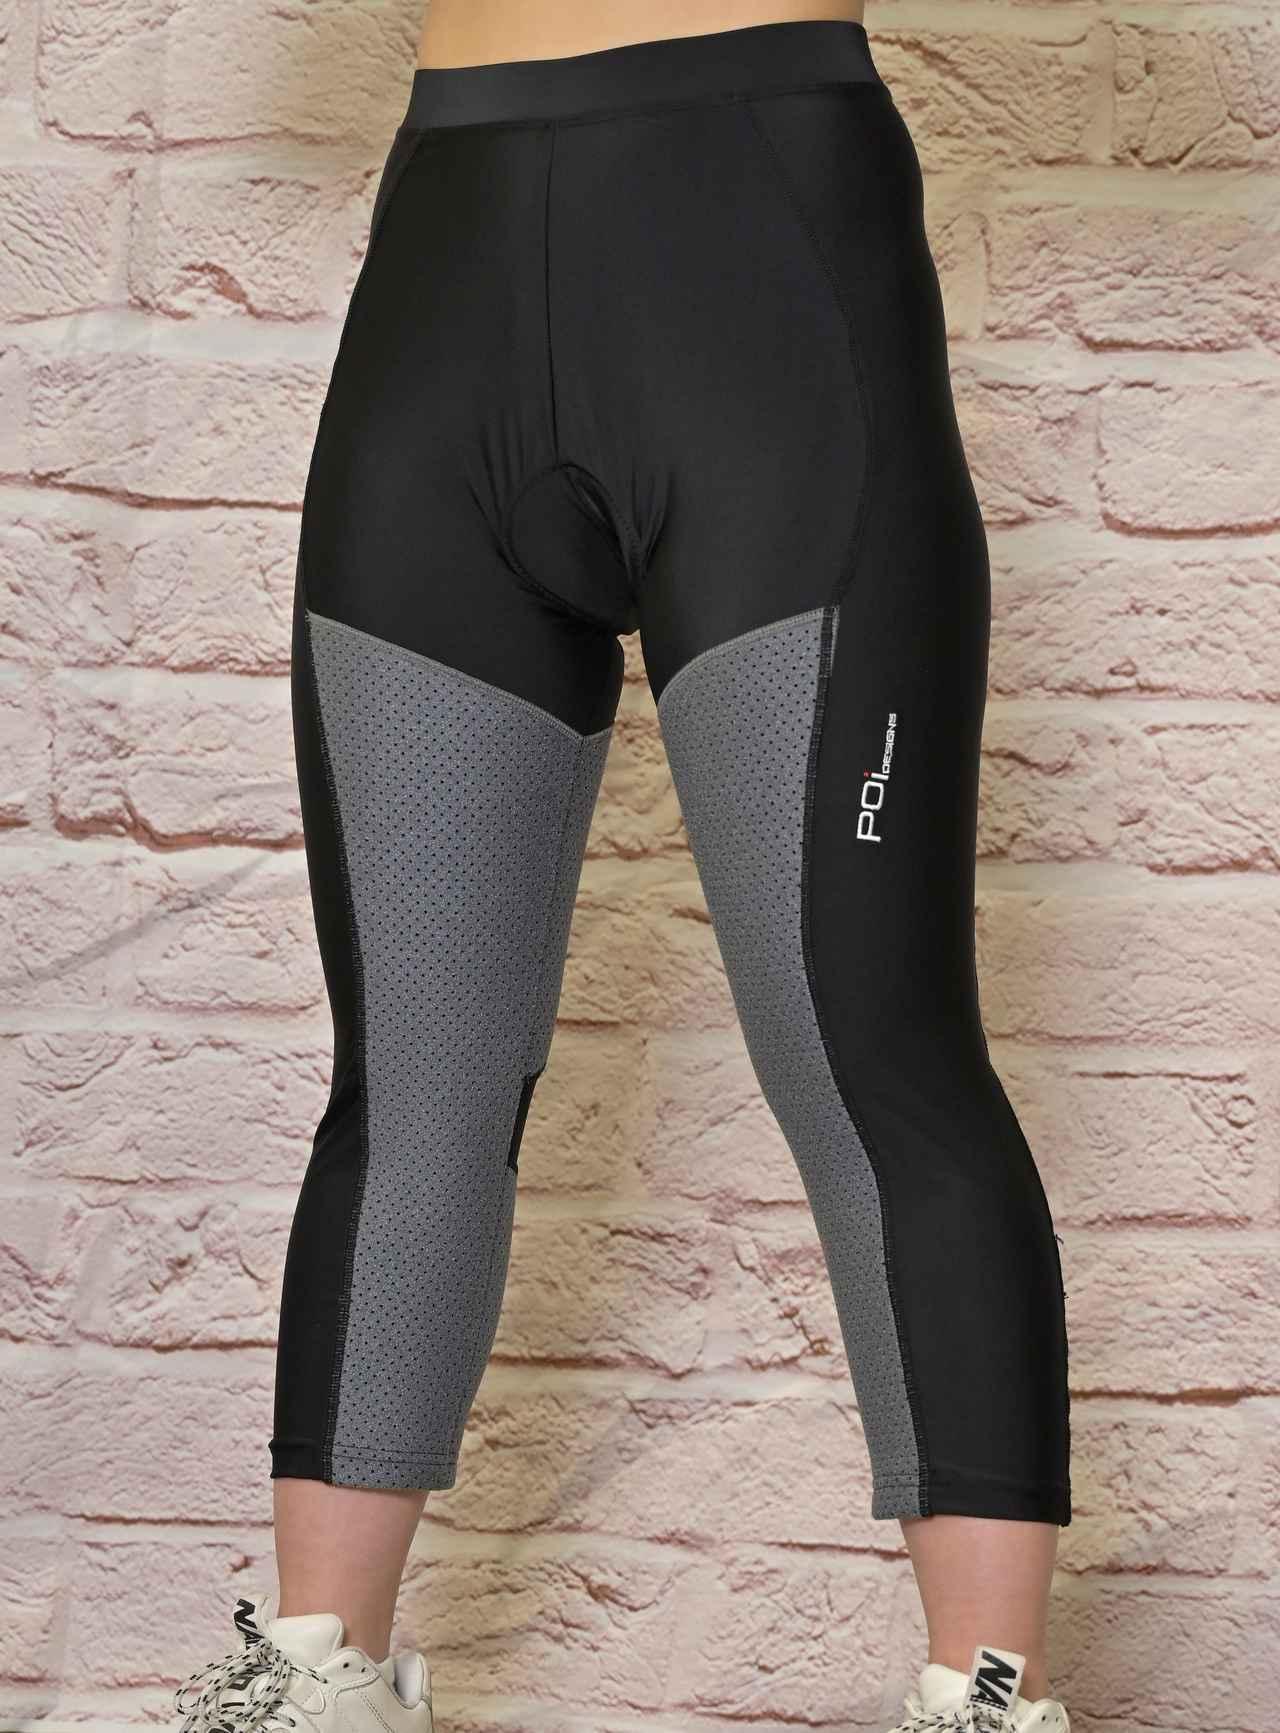 画像: 黒い部分が伸縮性の高い素材で、グレーの部分が遮熱素材。着用中に脚の曲げ伸ばしに違和感を感じることはなかった。